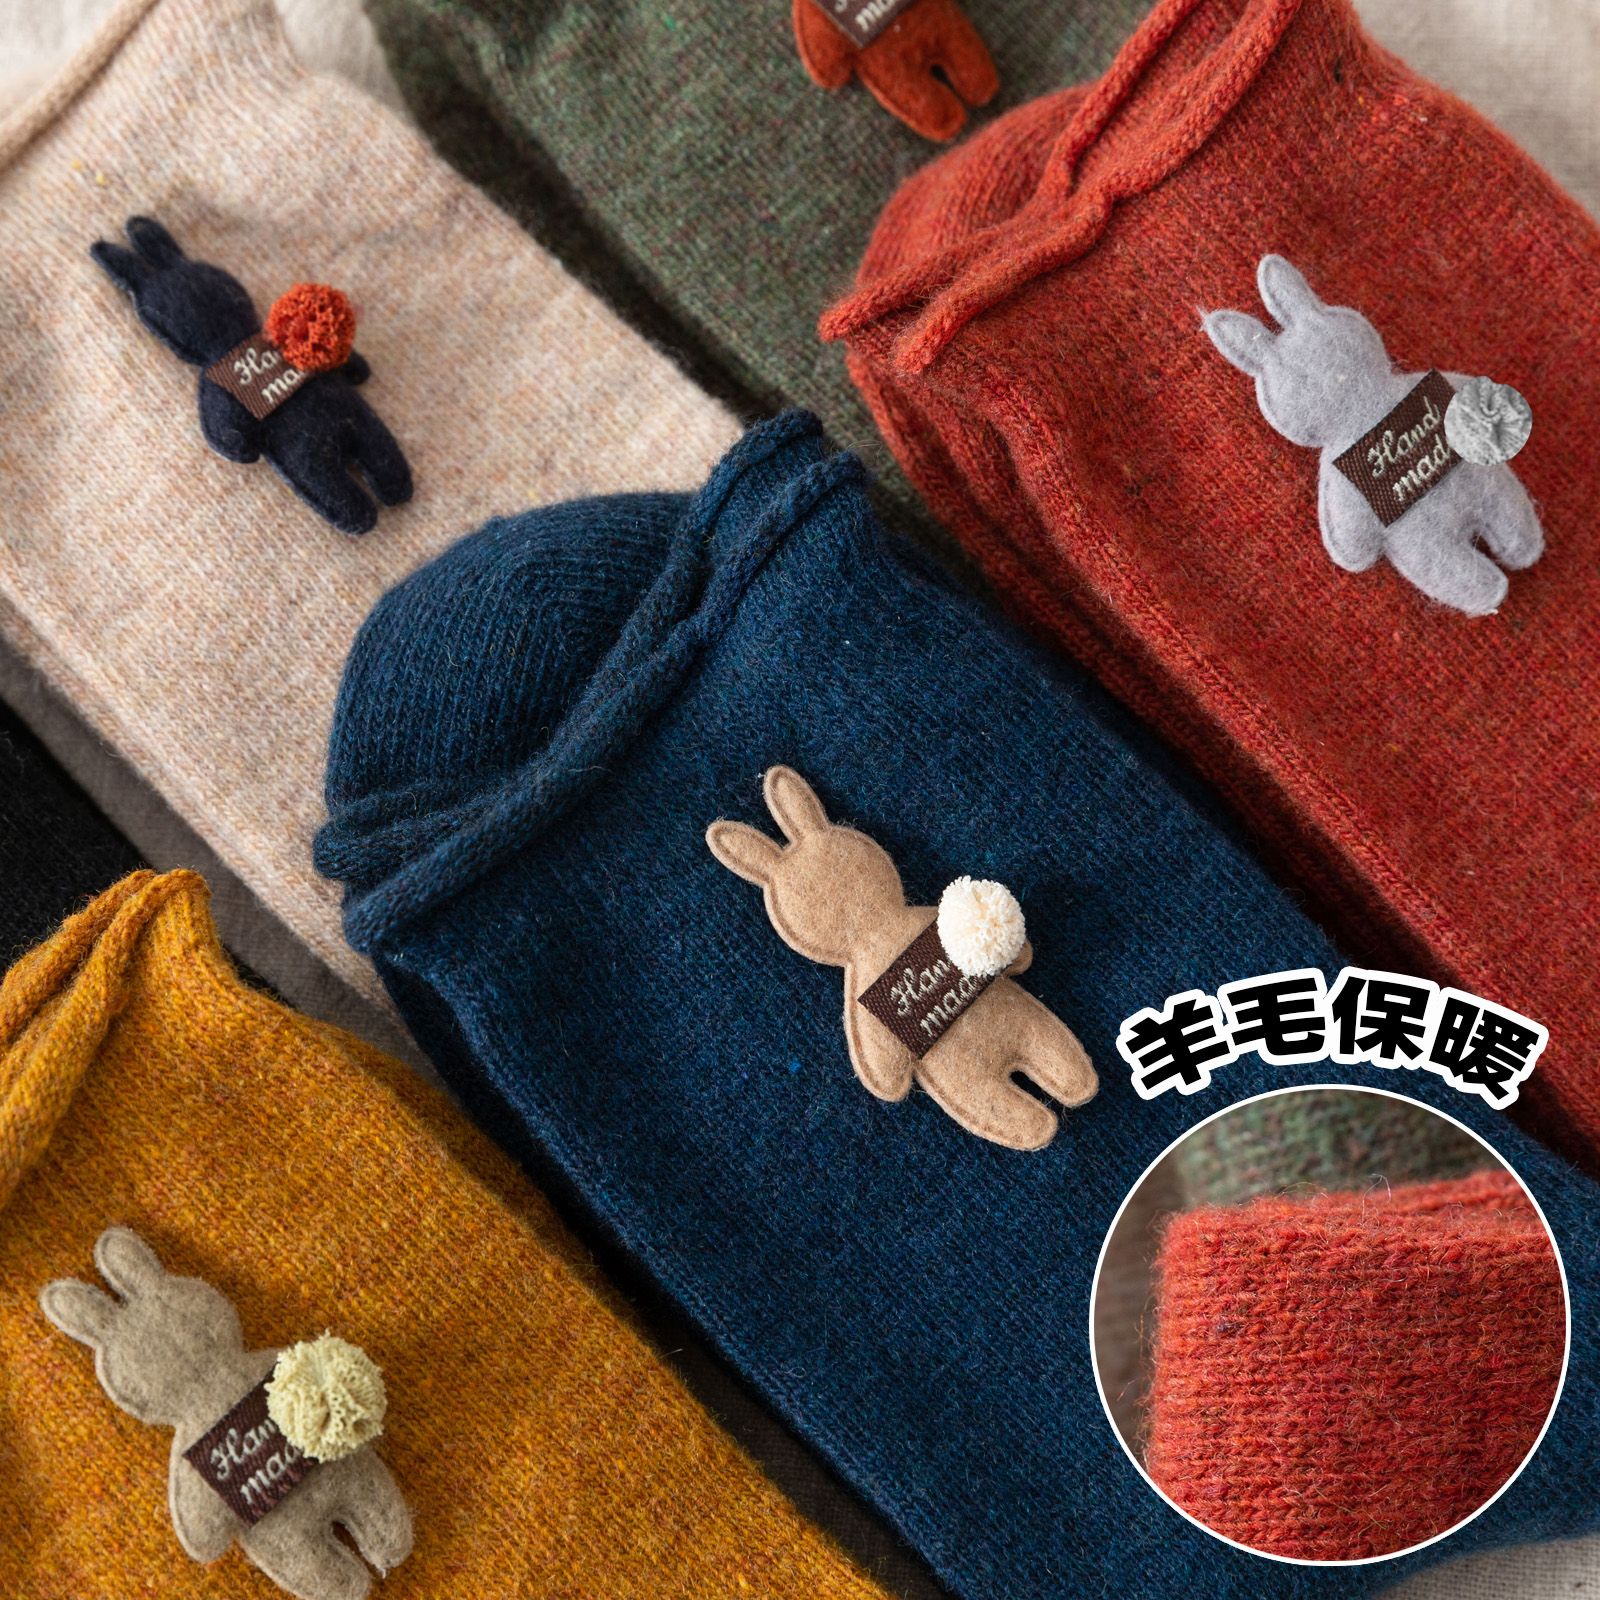 袜子女羊毛秋冬中筒袜加厚保暖ins潮日系可爱卡通冬天长筒堆堆袜